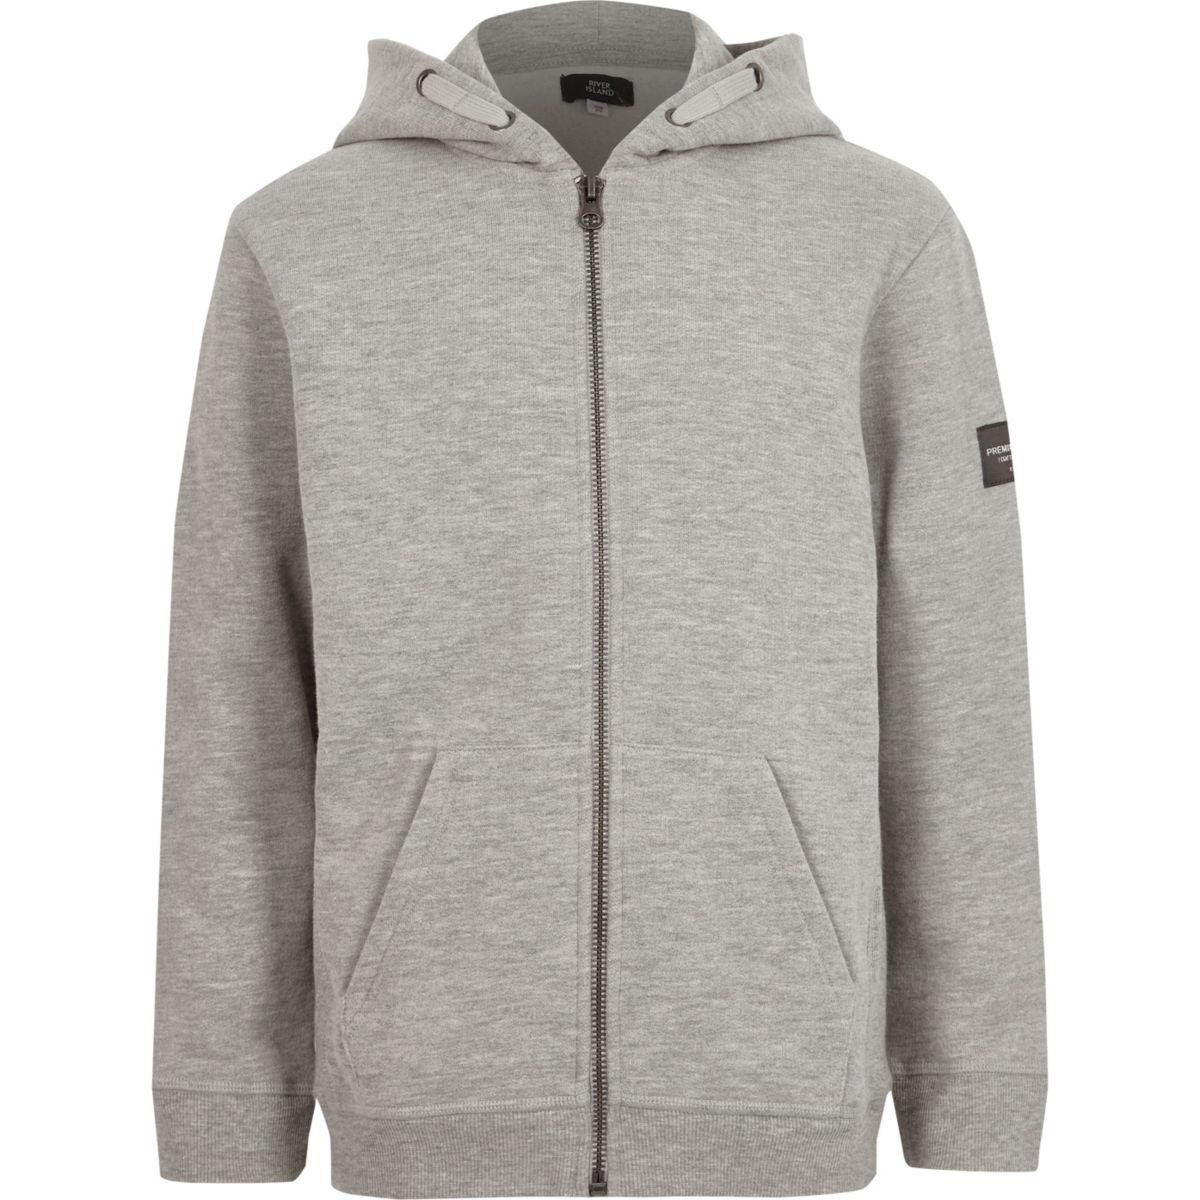 Boys grey marl zip up hoodie